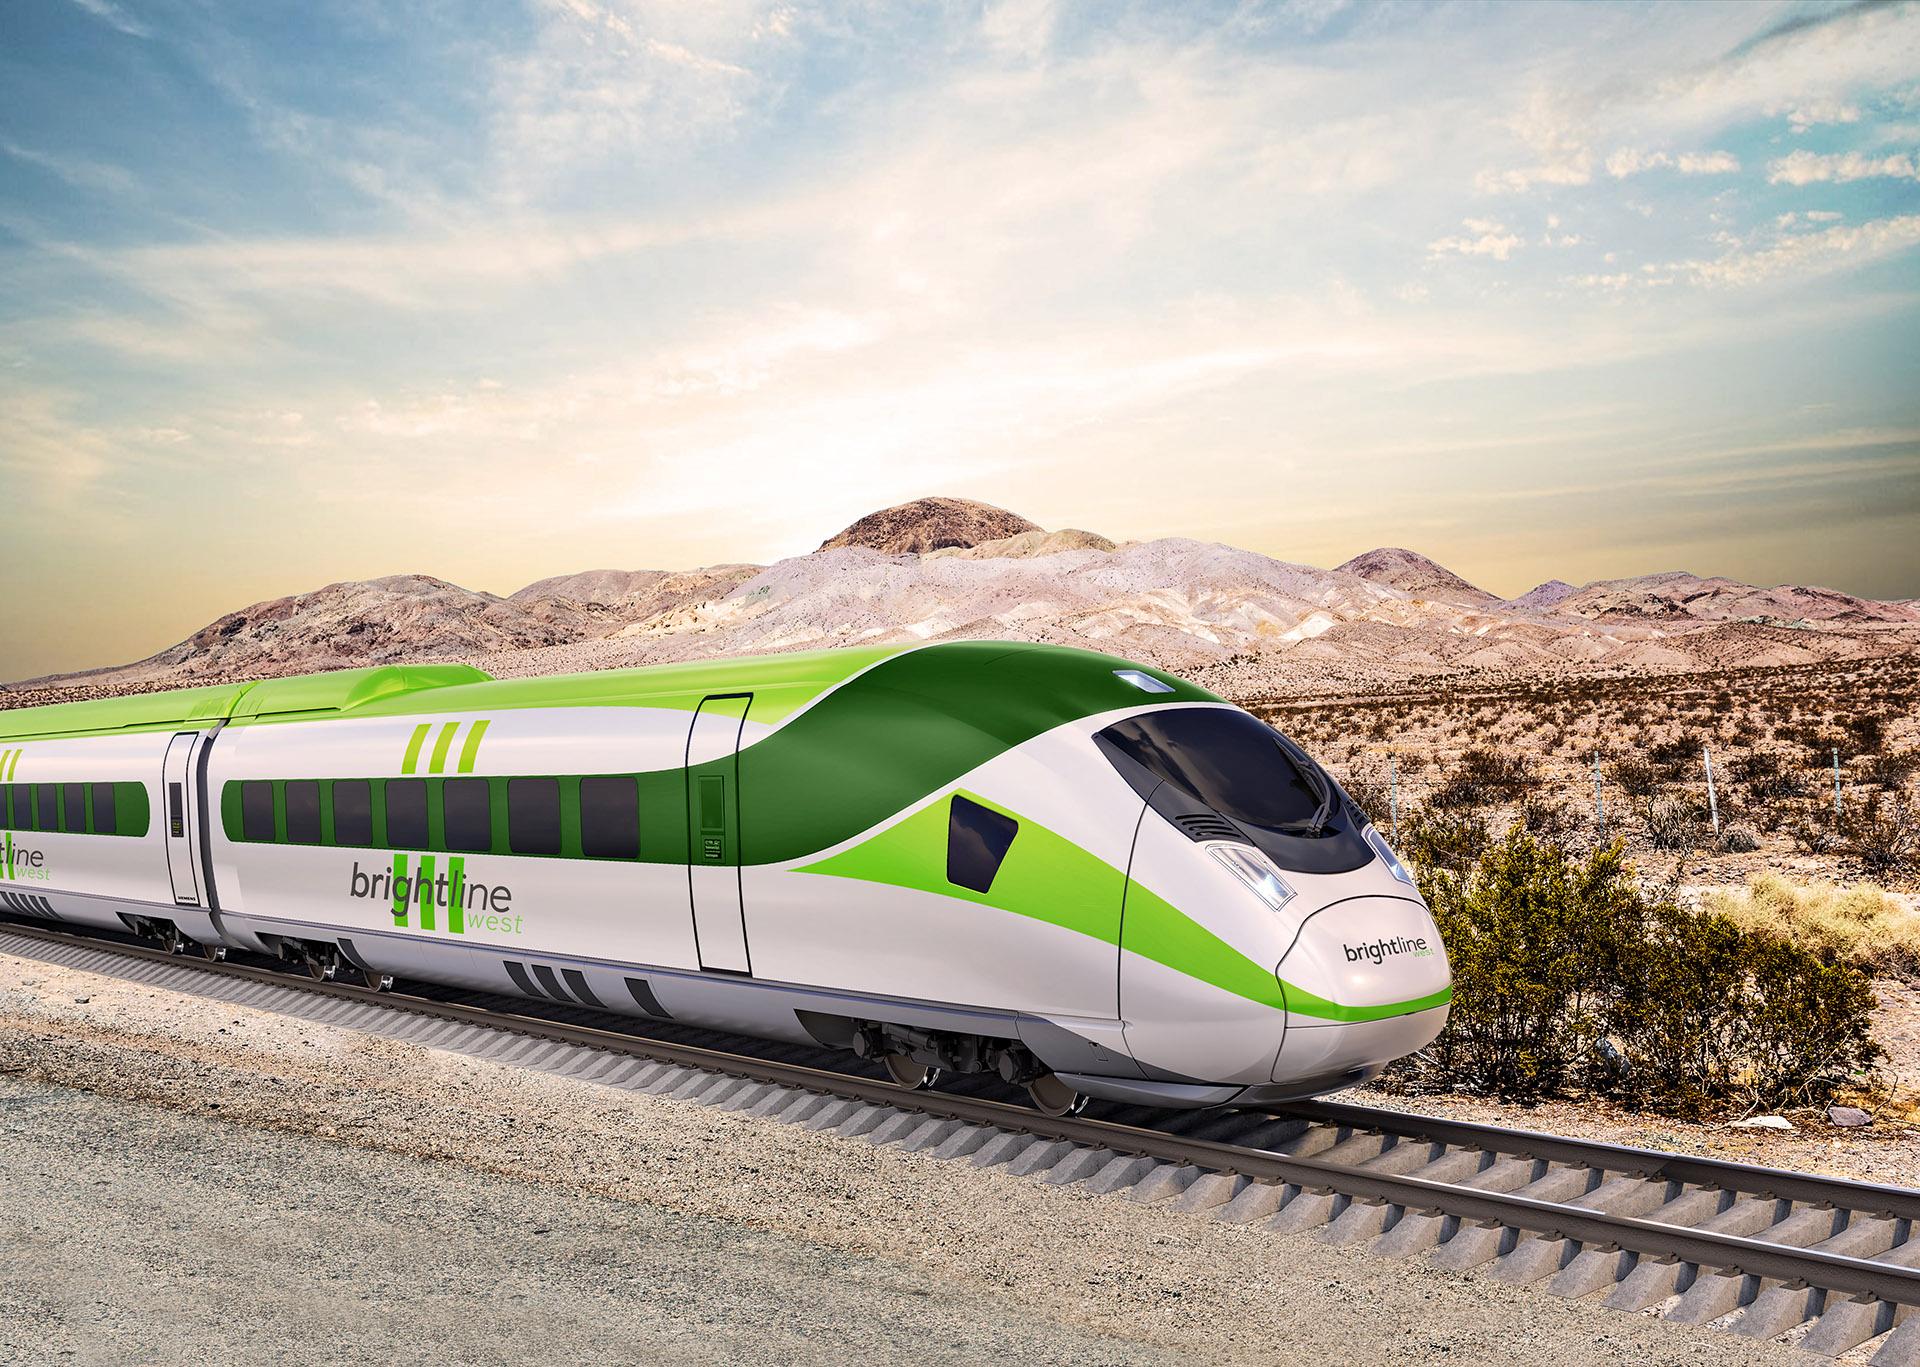 Rendering of Brightline Train